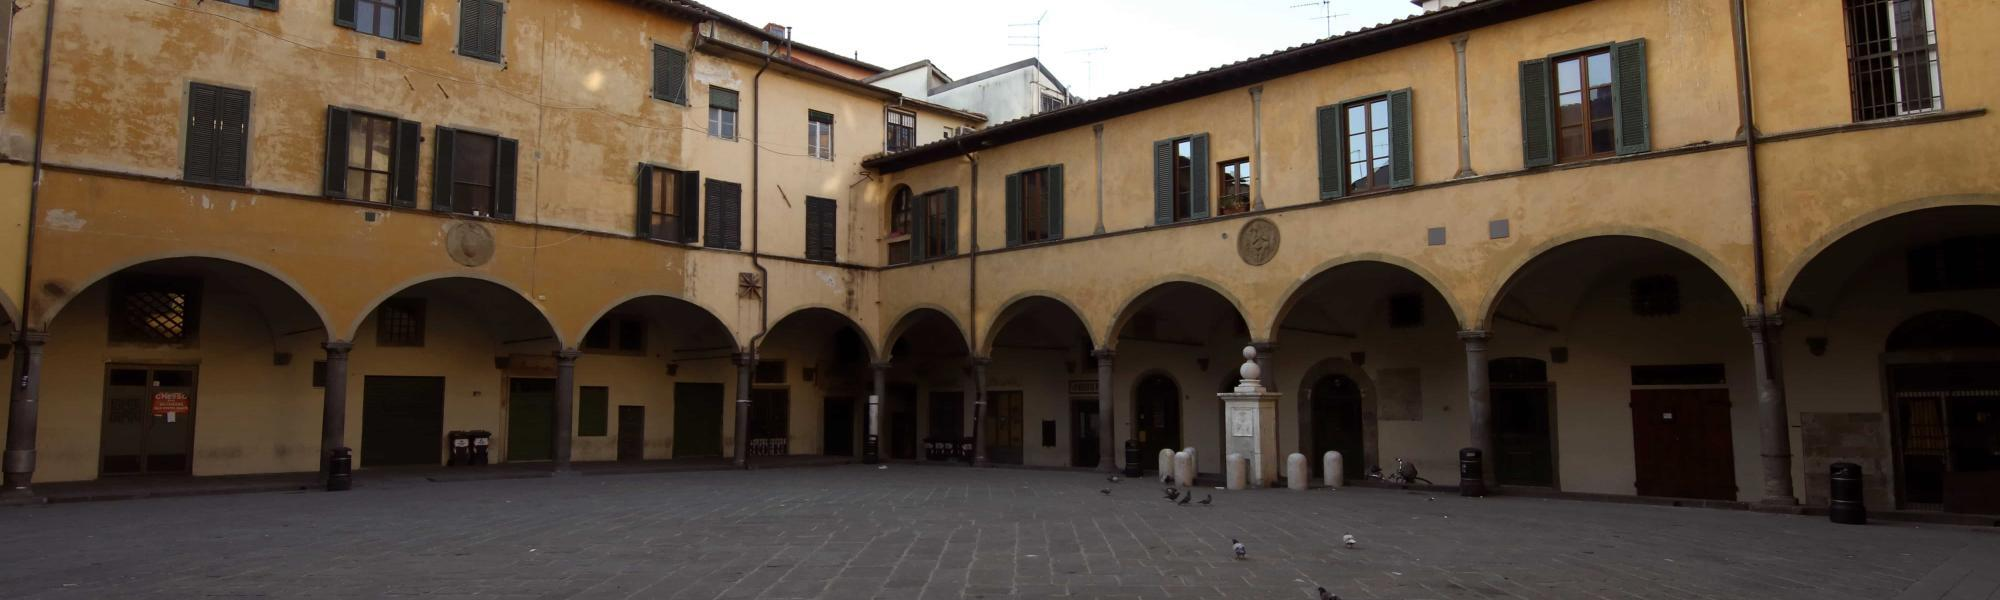 Piazza delle Vettovaglie - vista angolo sud-est (A. Matteucci)